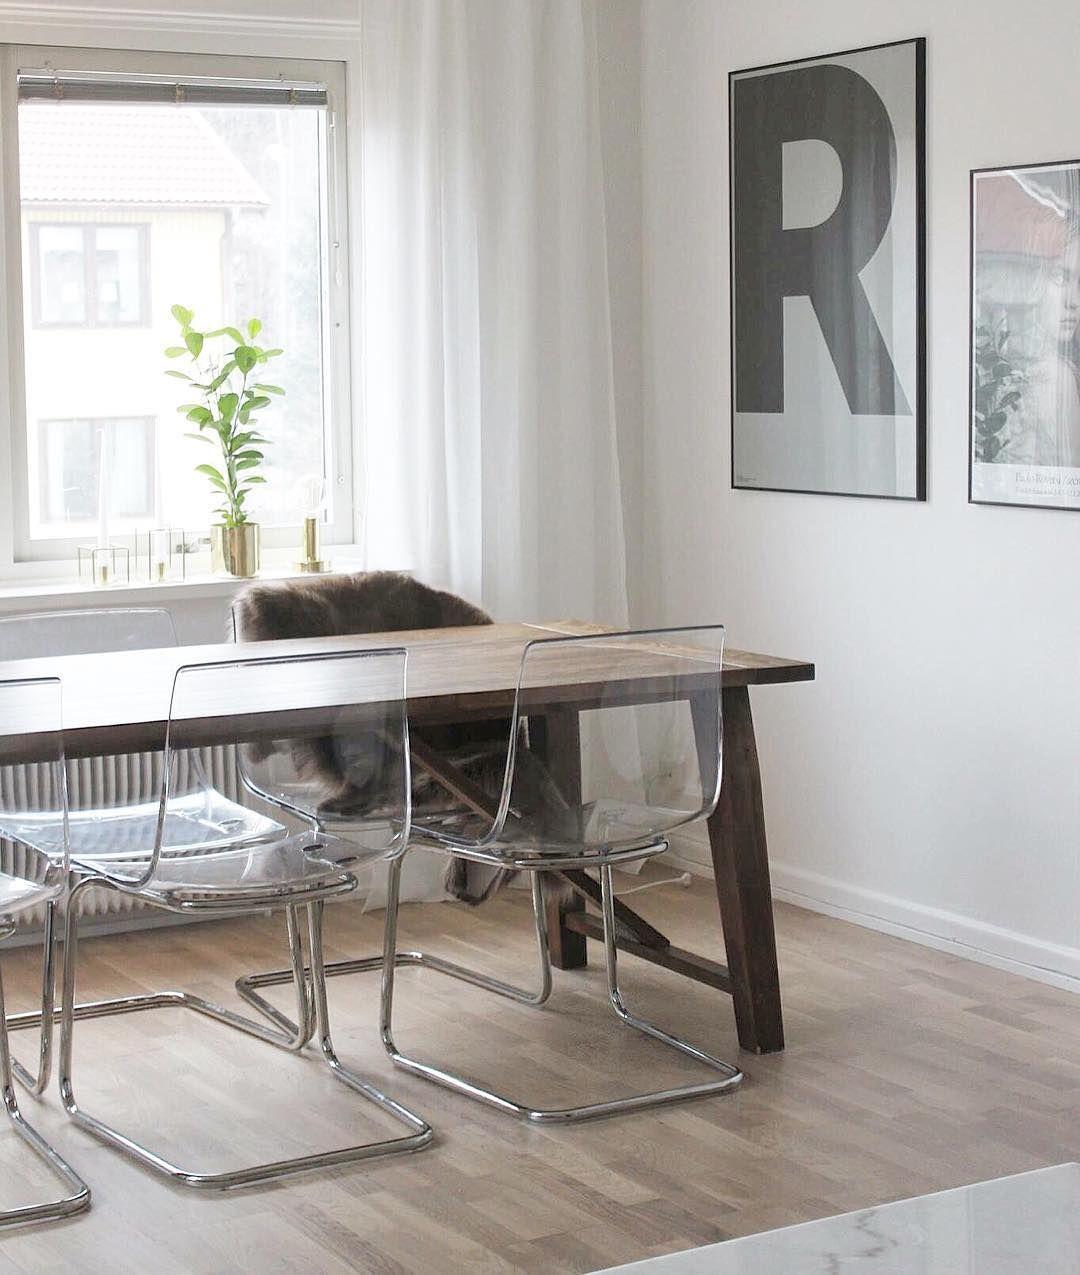 Ikea Translucent Tobias Chairs Interiorbyelin Met Afbeeldingen Interieur Eetkamerstoelen Binnenhuisdecoratie